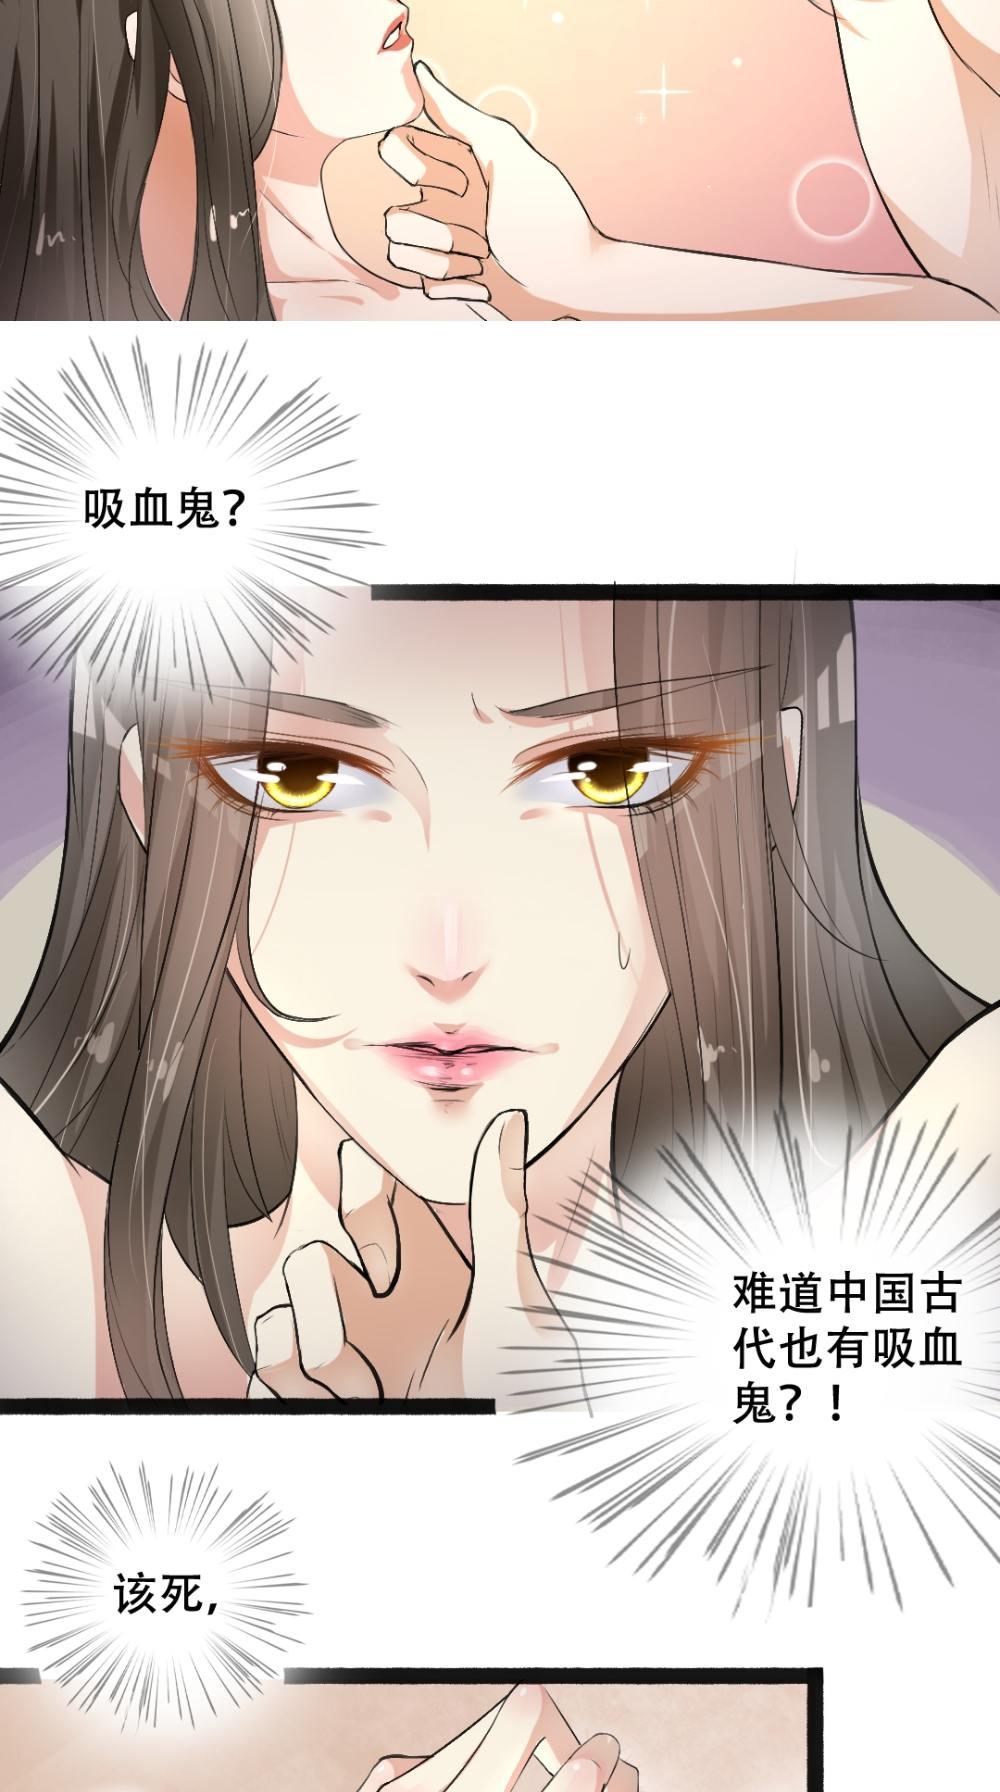 【小漫画】王牌特工一朝穿越被逼改嫁,还惨遭亲妹毁容父亲毒打!